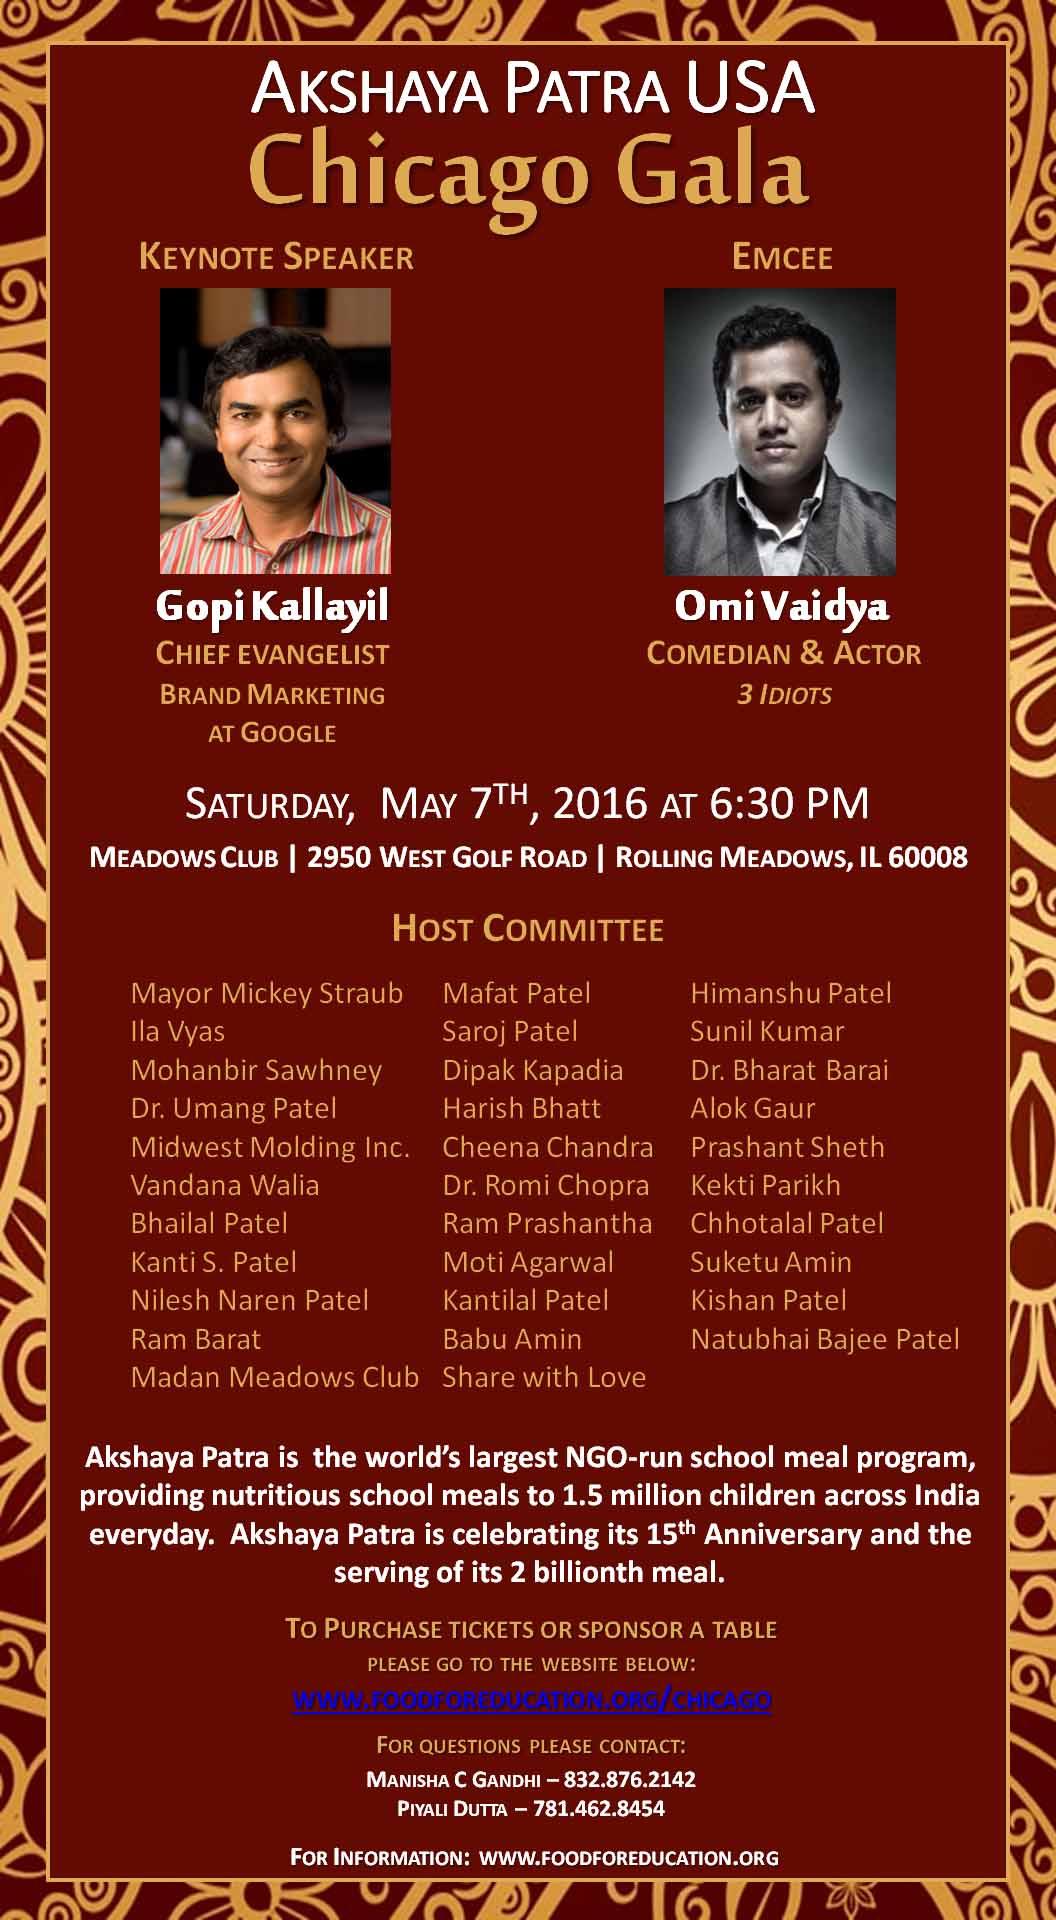 Akshaya Patra USA Chicago Gala